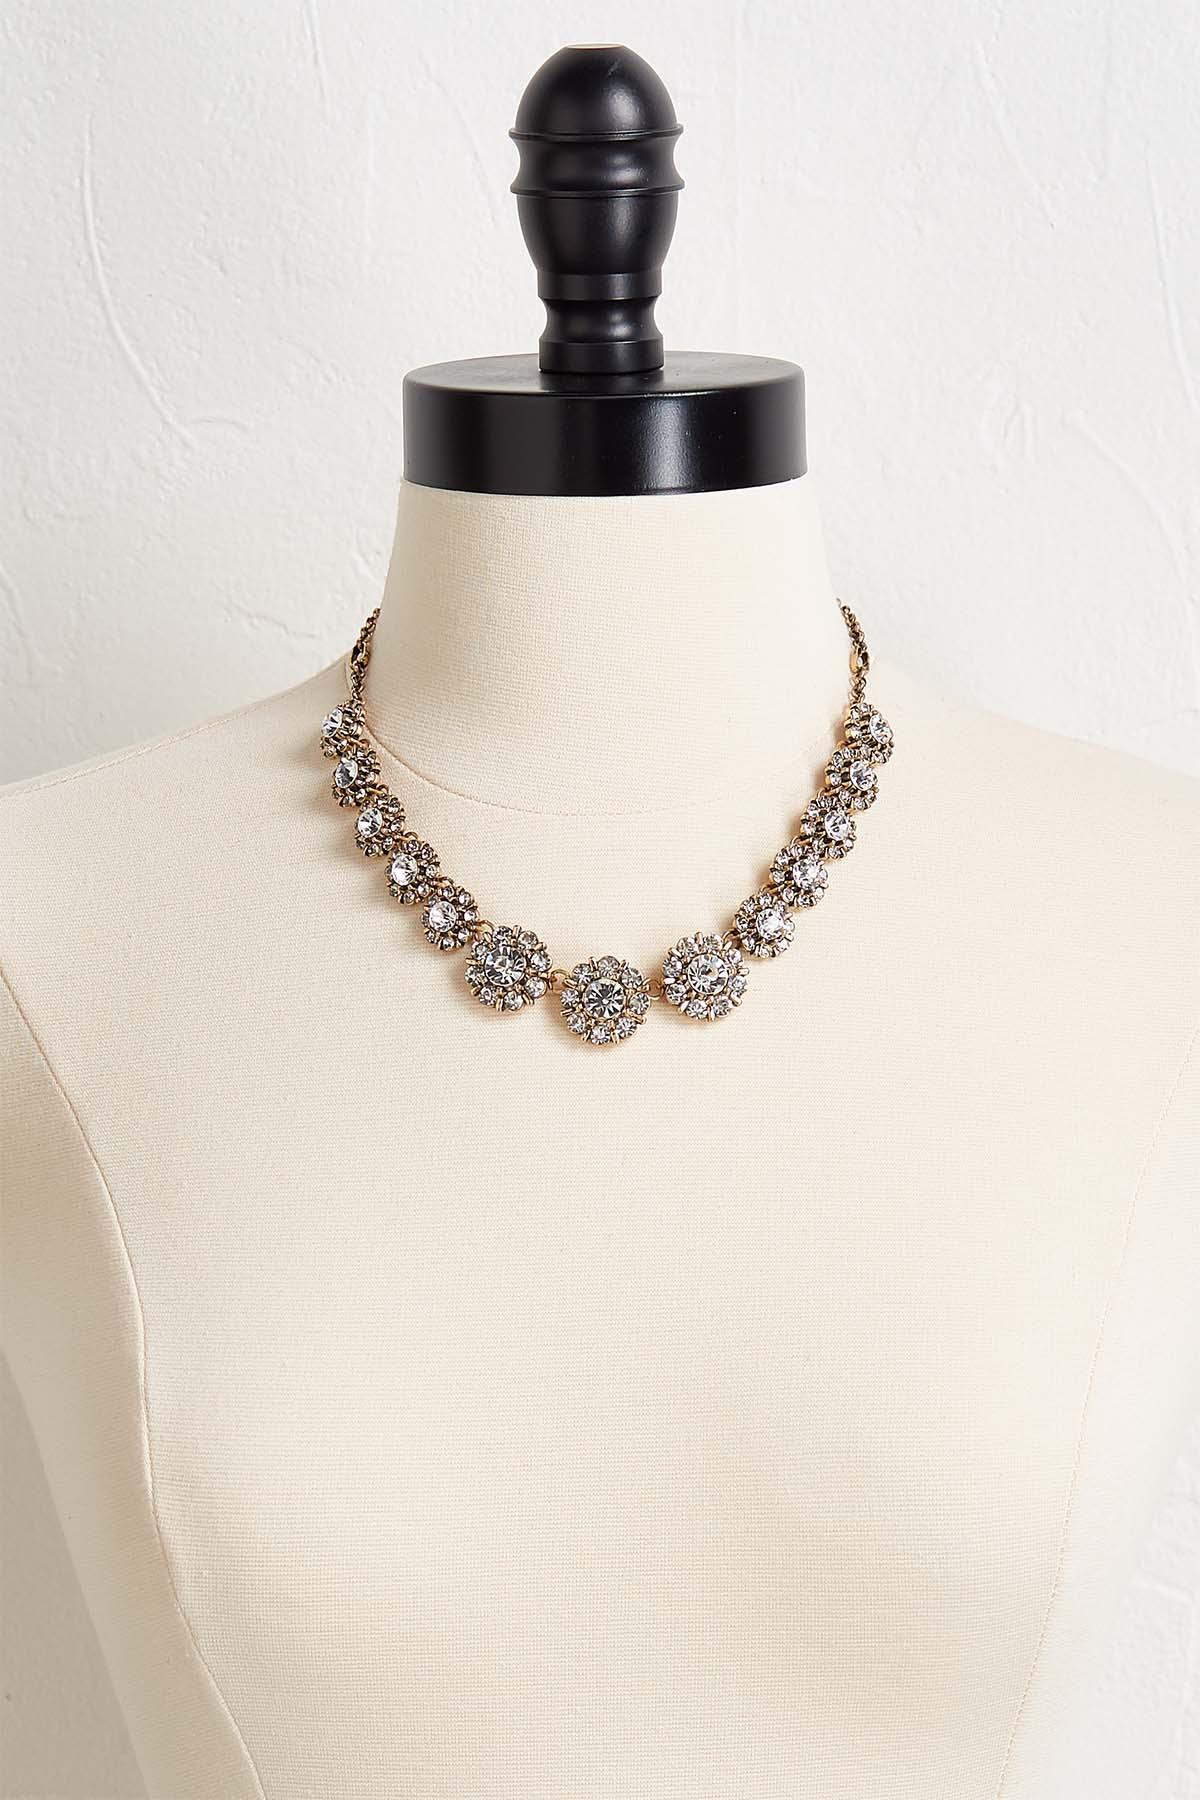 Antique Rhinestone Flower Necklace